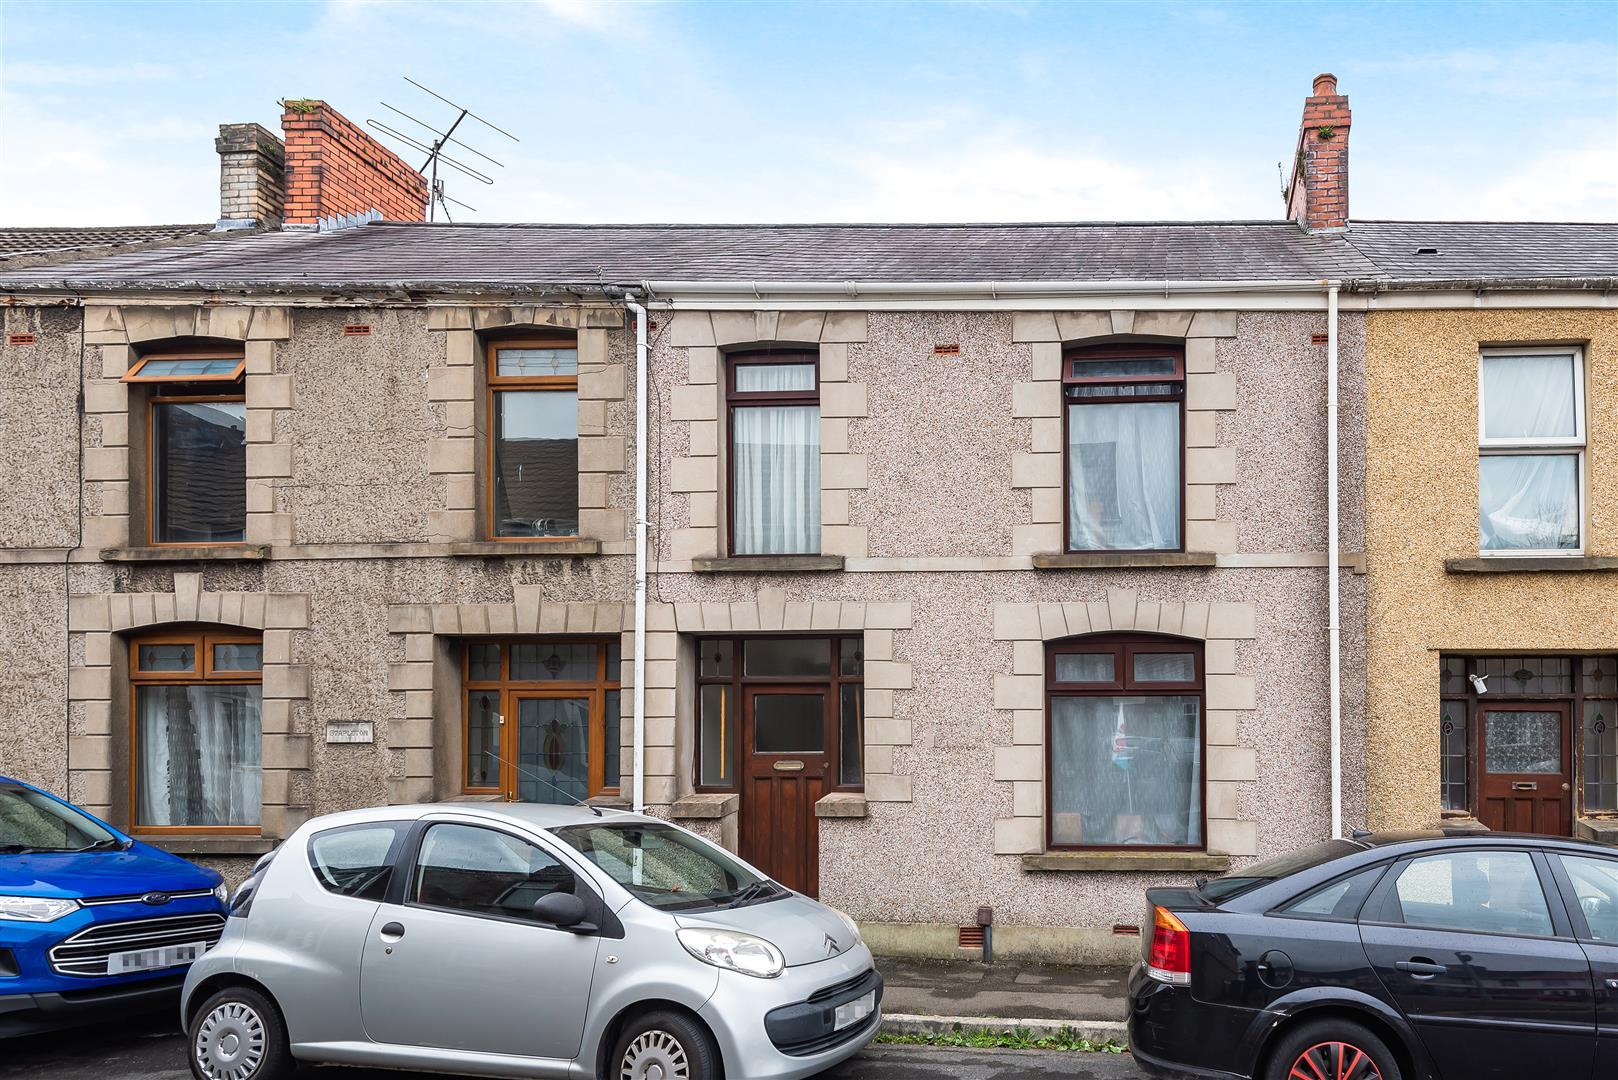 Brynhyfryd Street, Brynhyfryd, Swansea, SA5 9LP